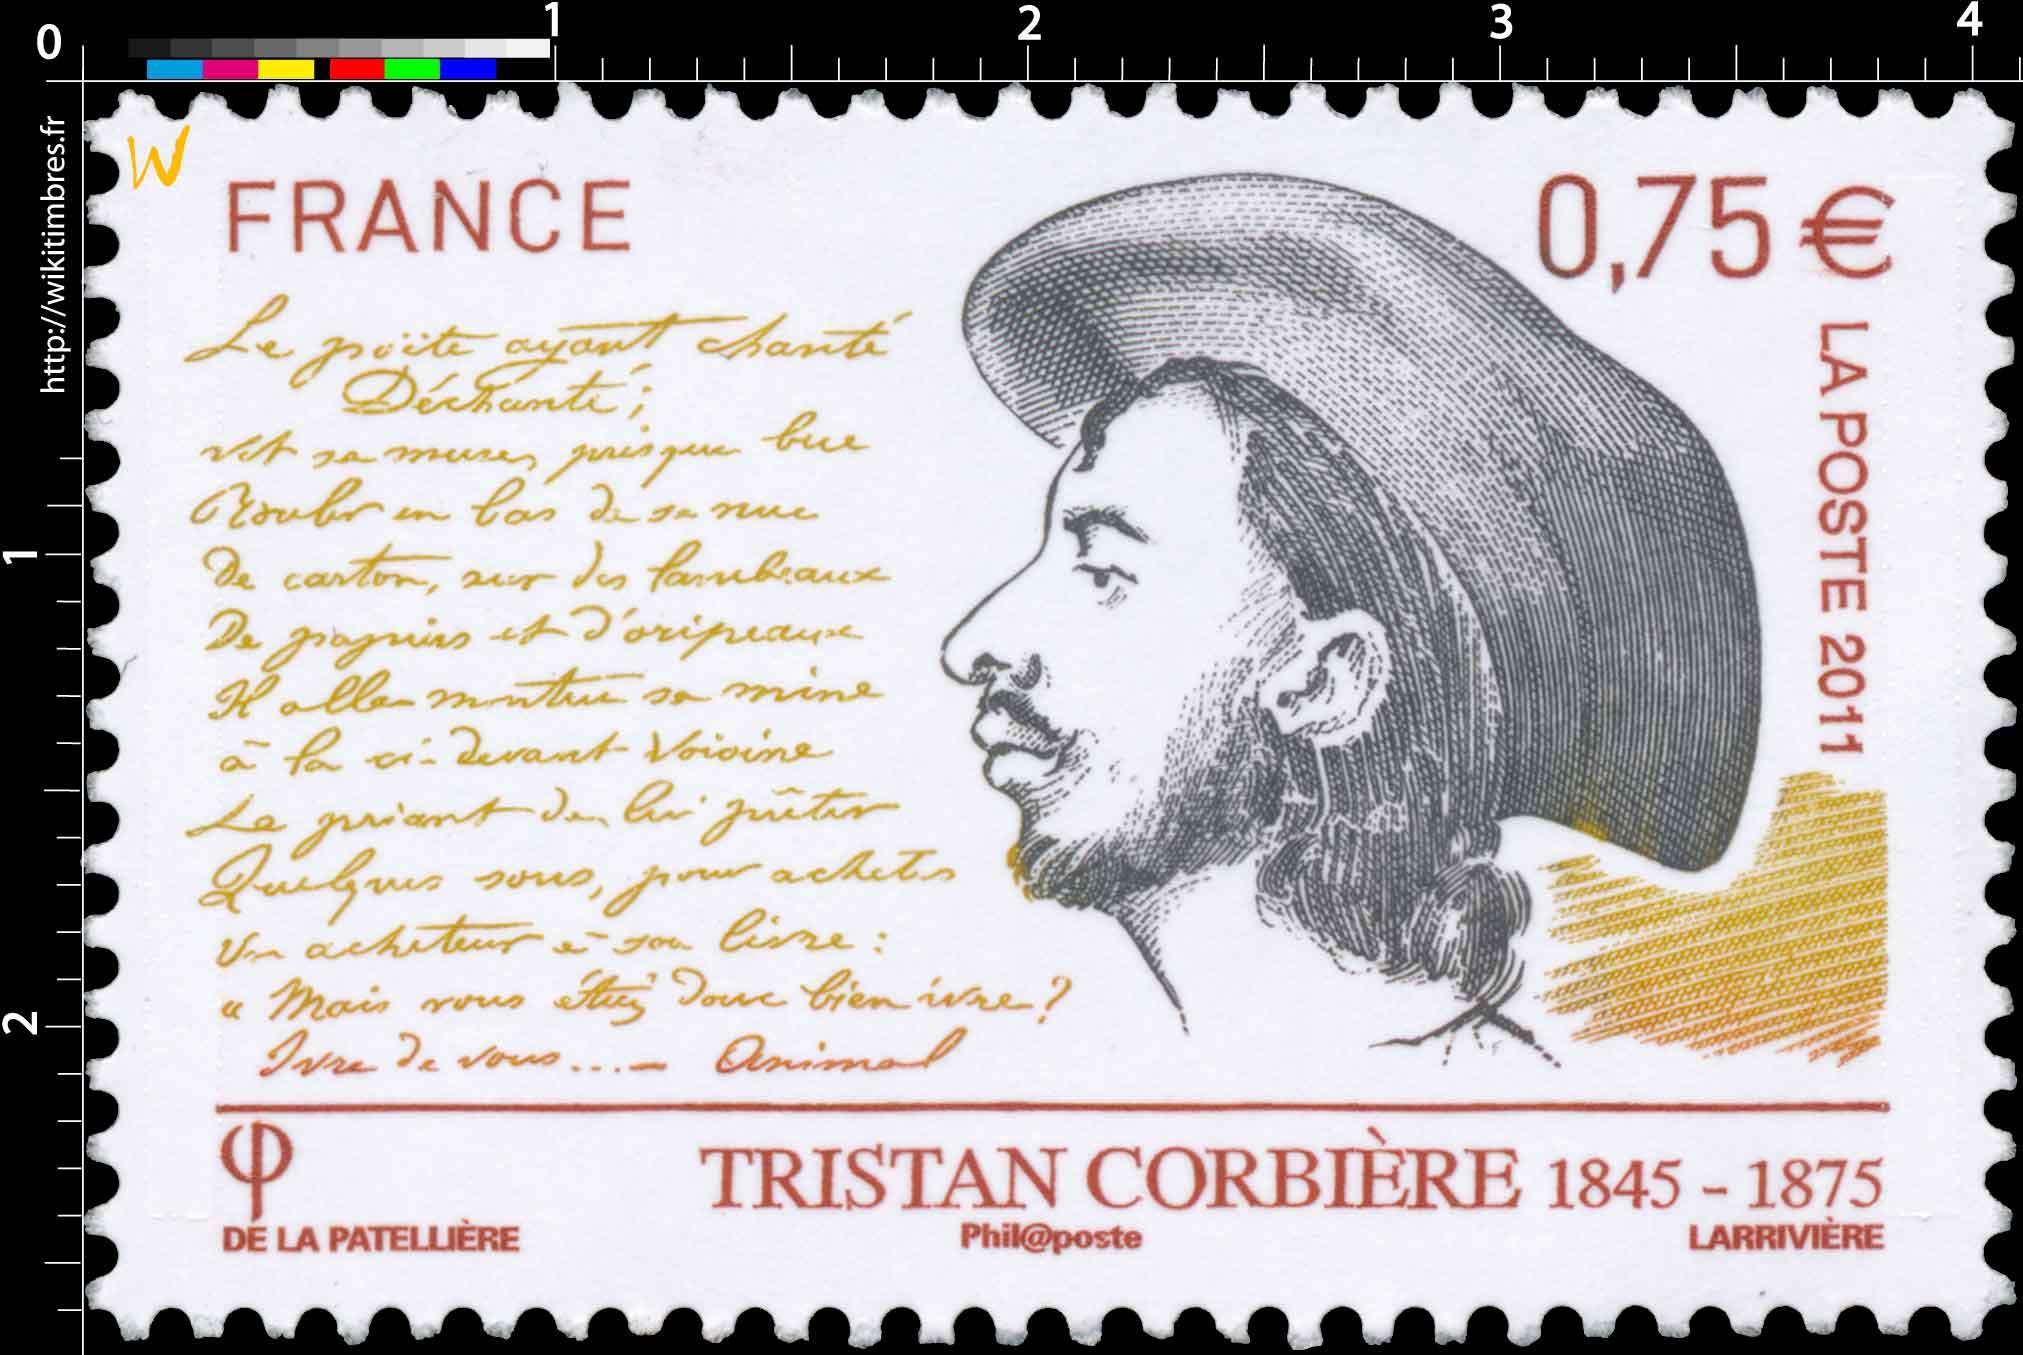 2011 Tristan Corbière 1845 - 1875